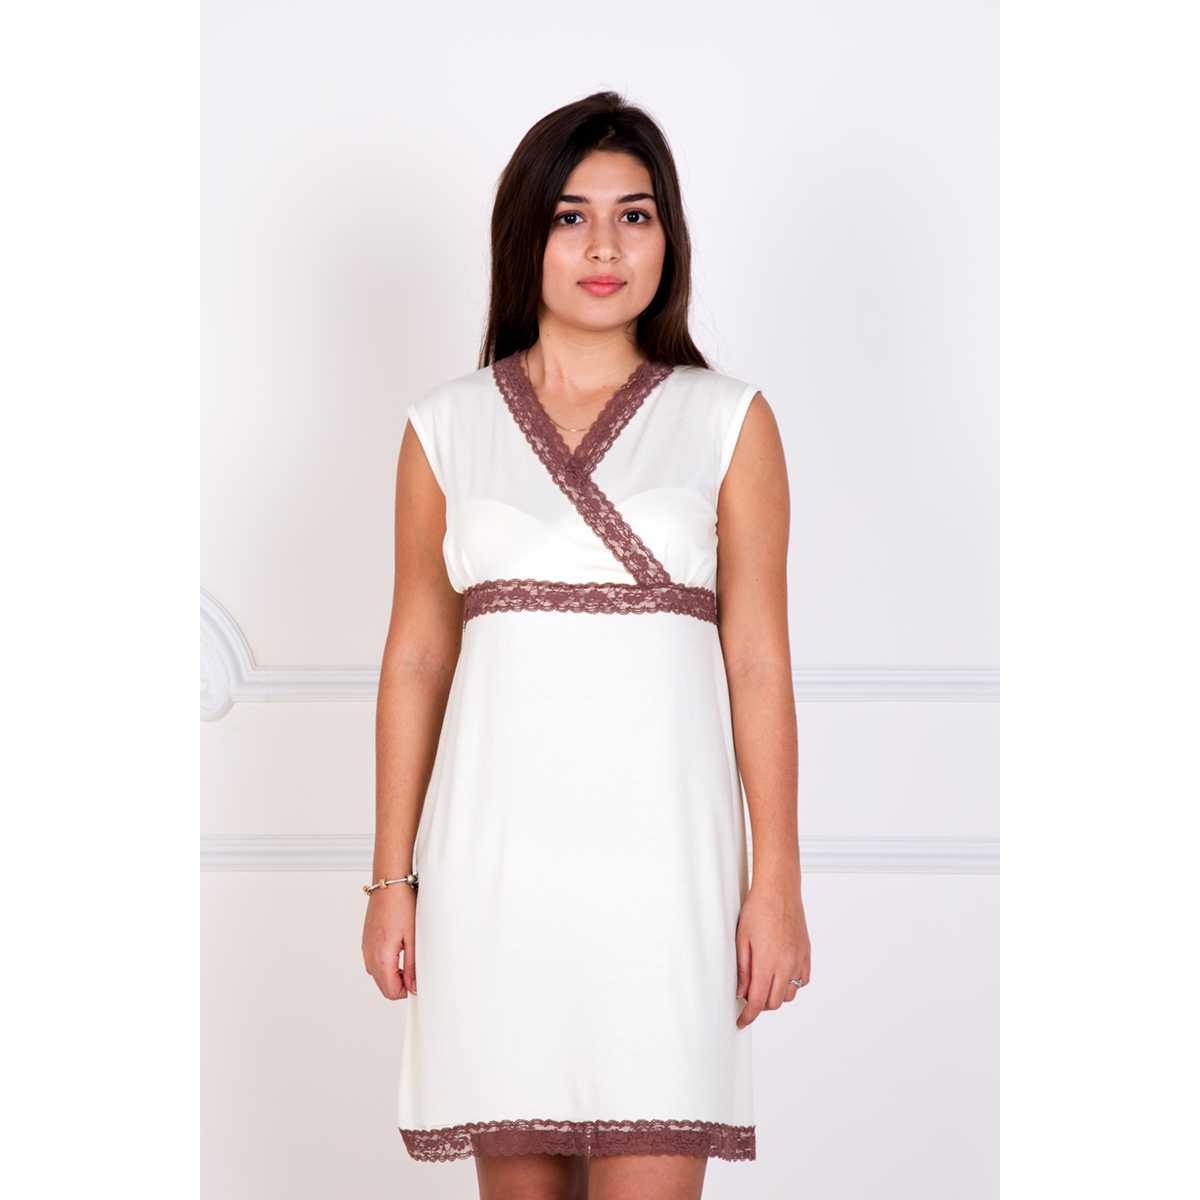 Женская сорочка Элегант Кремовый, размер 54Ночные сорочки<br>Обхват груди: 108 см <br>Обхват талии: 88 см <br>Обхват бедер: 116 см <br>Рост: 167 см<br><br>Тип: Жен. сорочка<br>Размер: 54<br>Материал: Вискоза